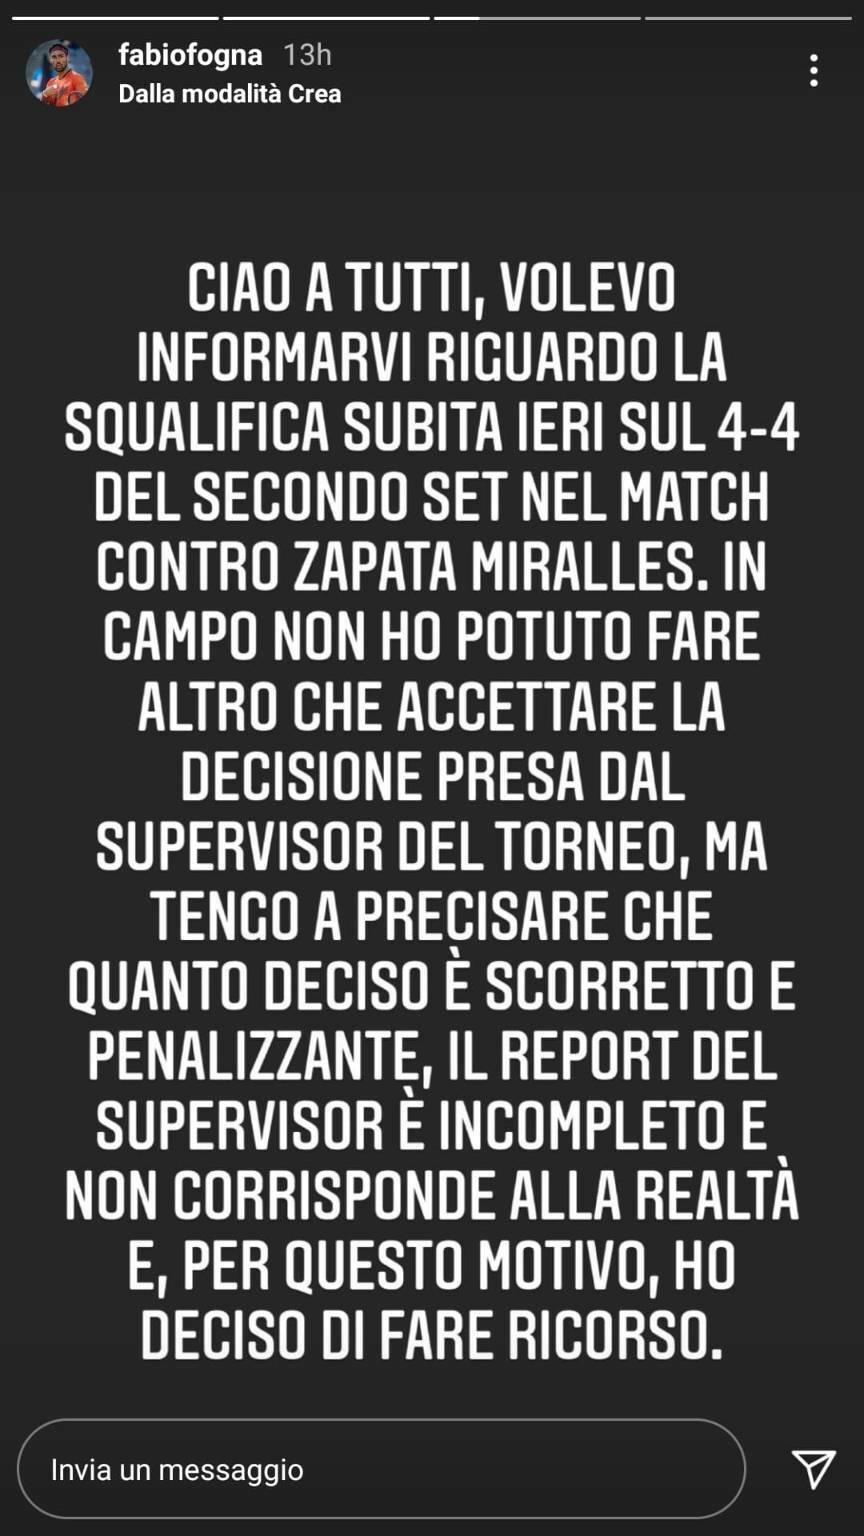 Fabio Fognini ricorso